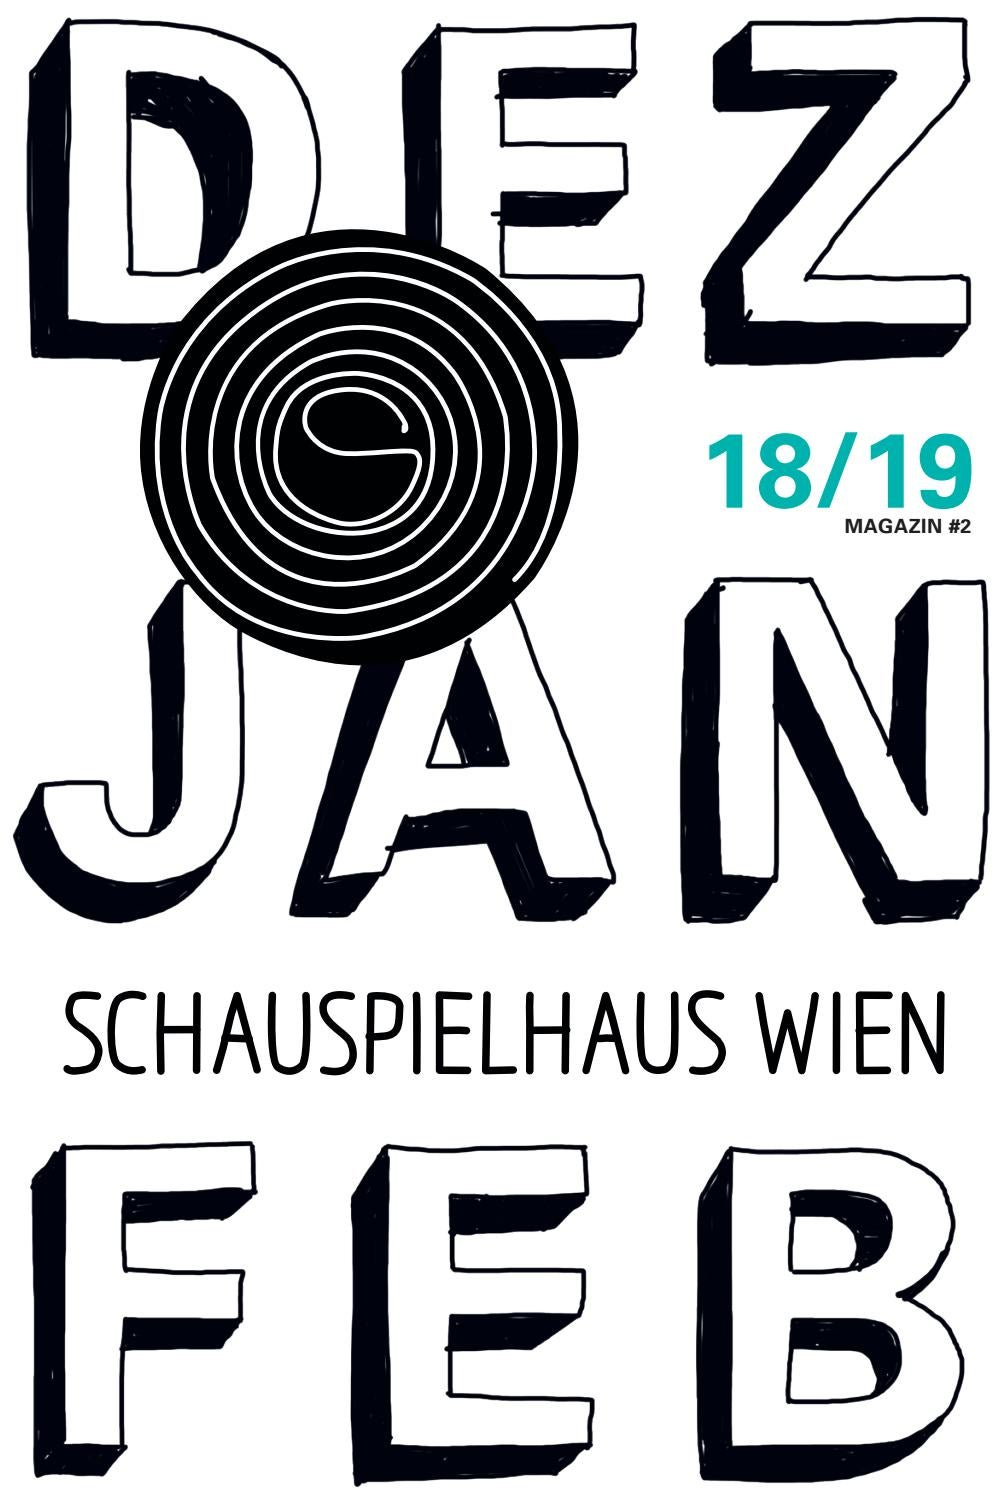 Dez Jan Feb Magazin Schauspielhaus Wien Spielzeit 18 19 By Schauspielhaus Wien Issuu